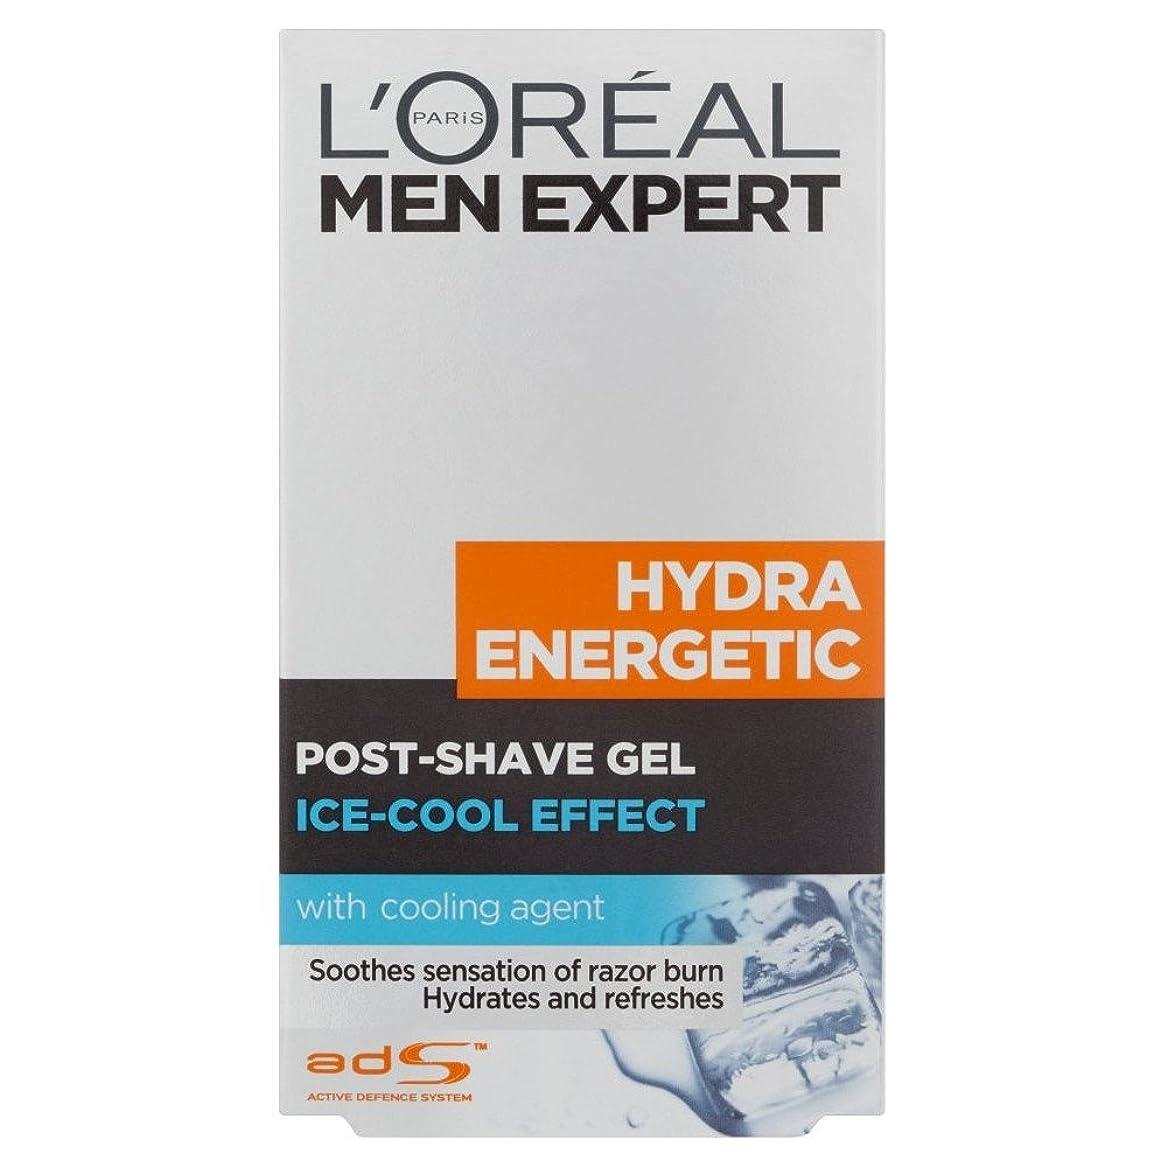 飲み込む九時四十五分倫理的L'Oreal Paris Men Expert Hydra Energetic Post Shave Balm (100ml) L'オラ?アルパリのメンズ専門ヒドラエネルギッシュなポストシェーブバーム( 100ミリリットル) [並行輸入品]